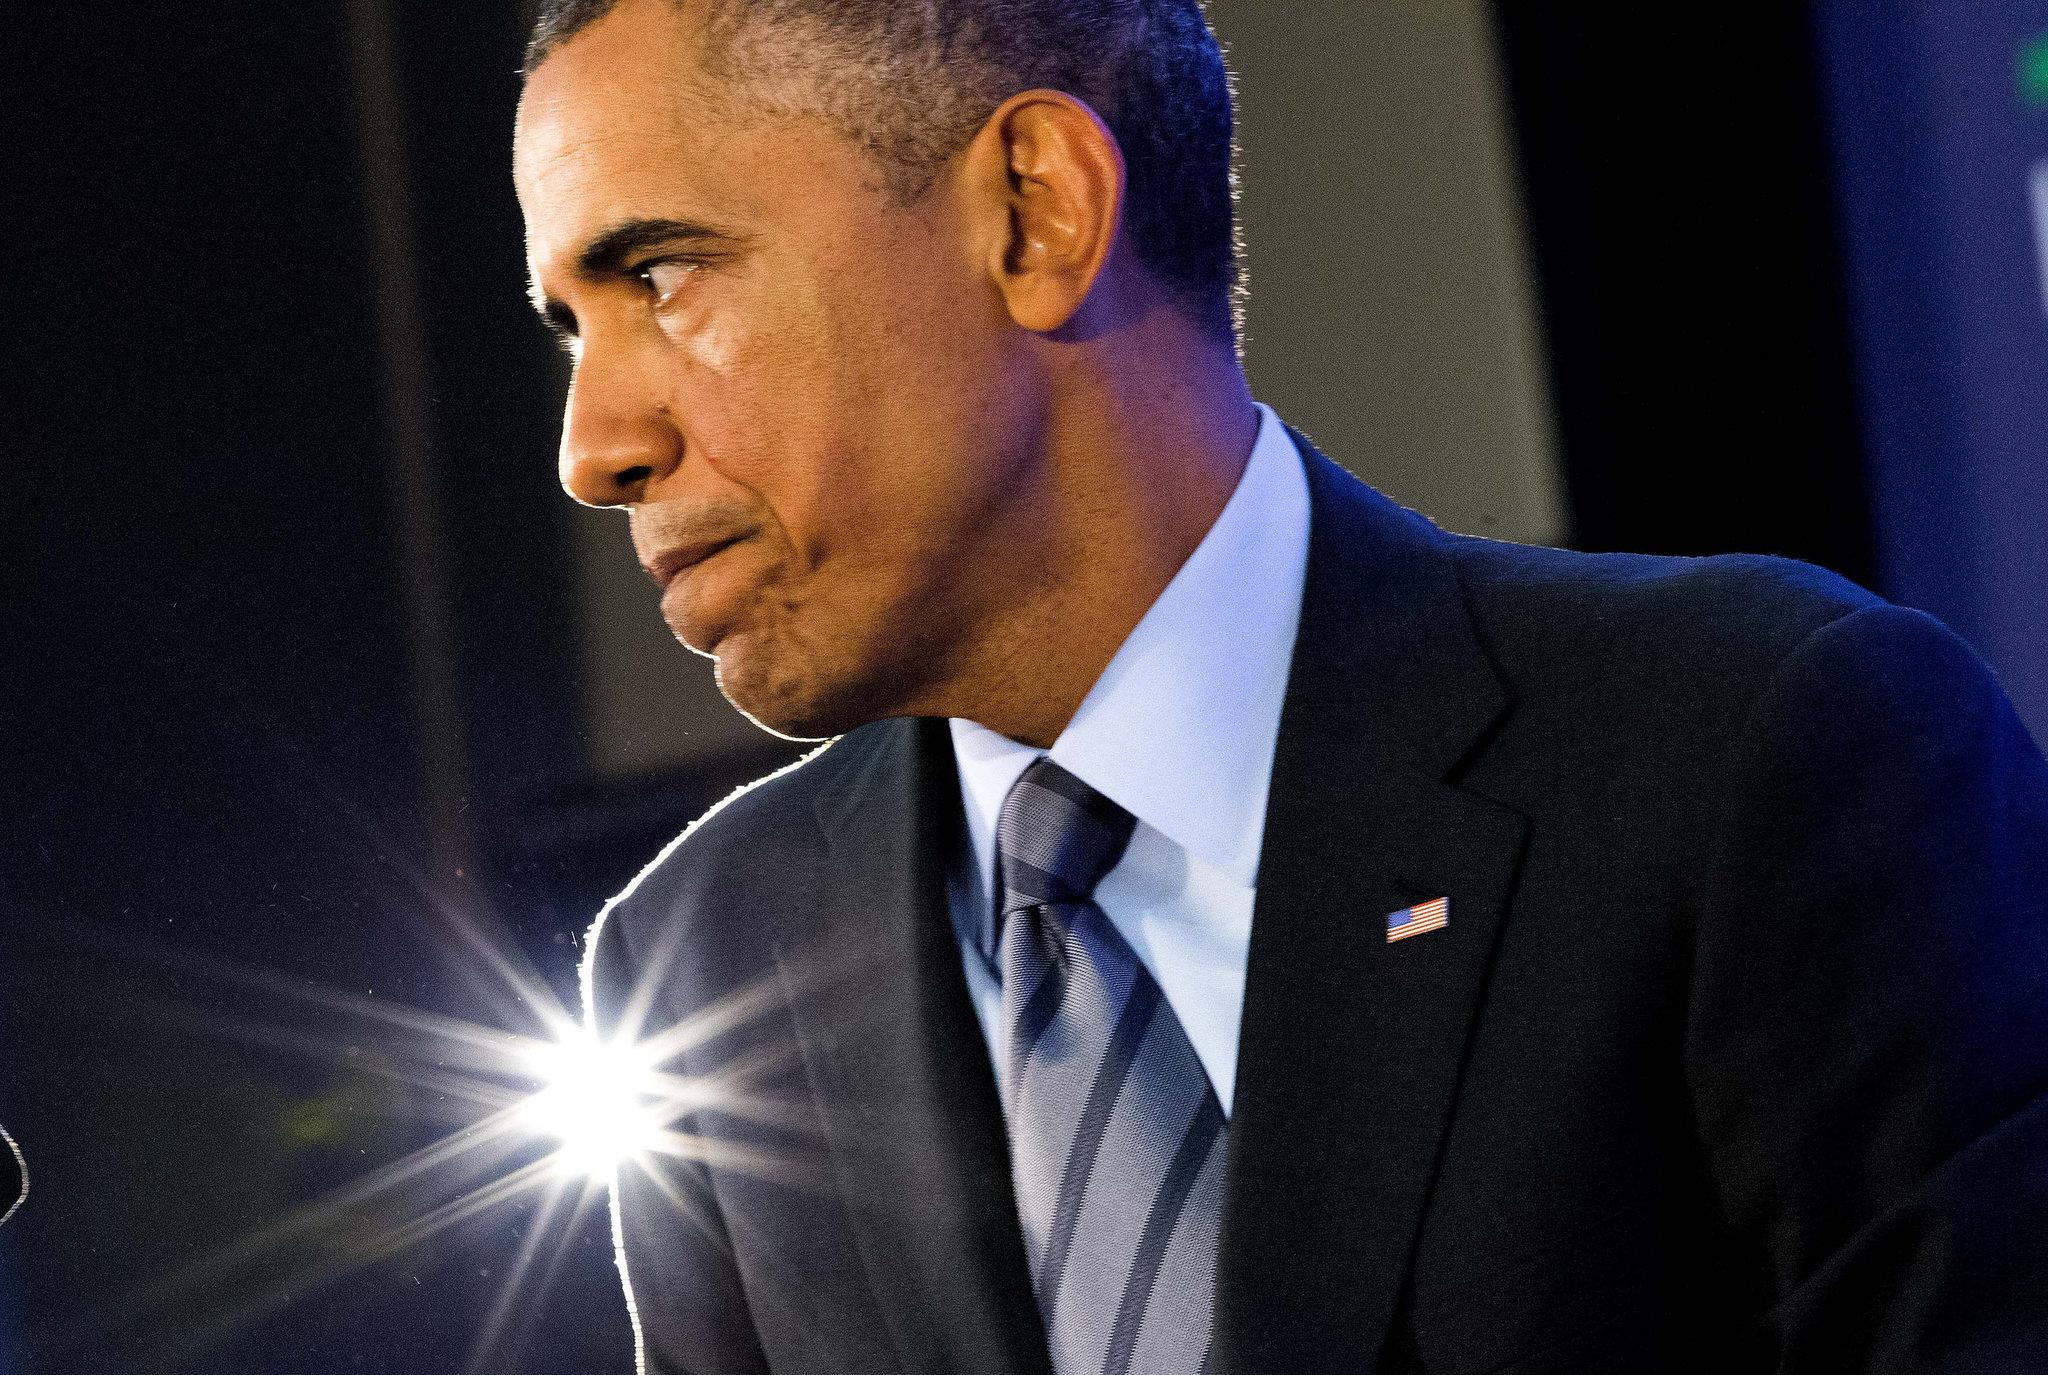 </p></div><div></div></div><p>&nbsp;</p><p>Tổng thống Obama sẽ sớm đưa ra quyết định về việc sử dụng phương án nào ở Iraq. Ảnh: New York Times</p><p>